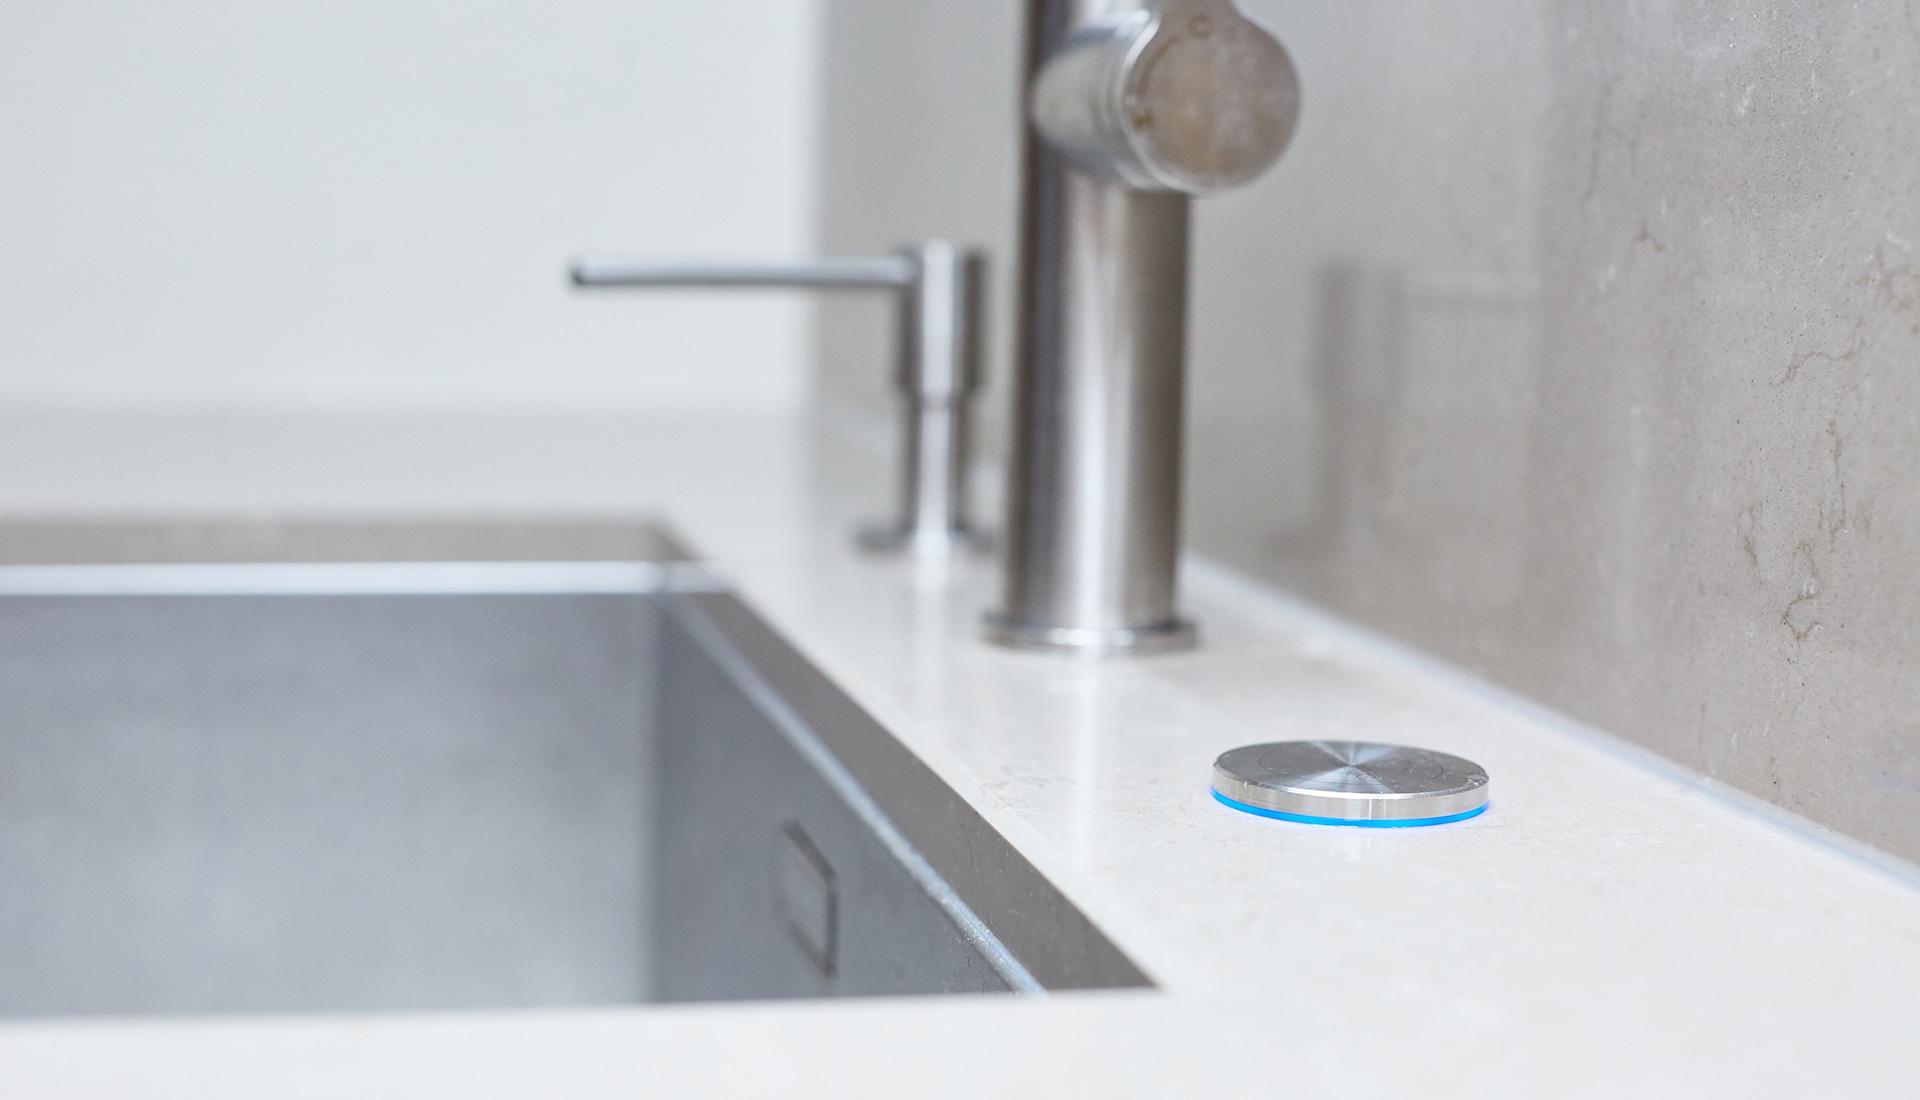 Tolle Küche Entwirft Ideen Zeitgenössisch - Küchen Design Ideen ...